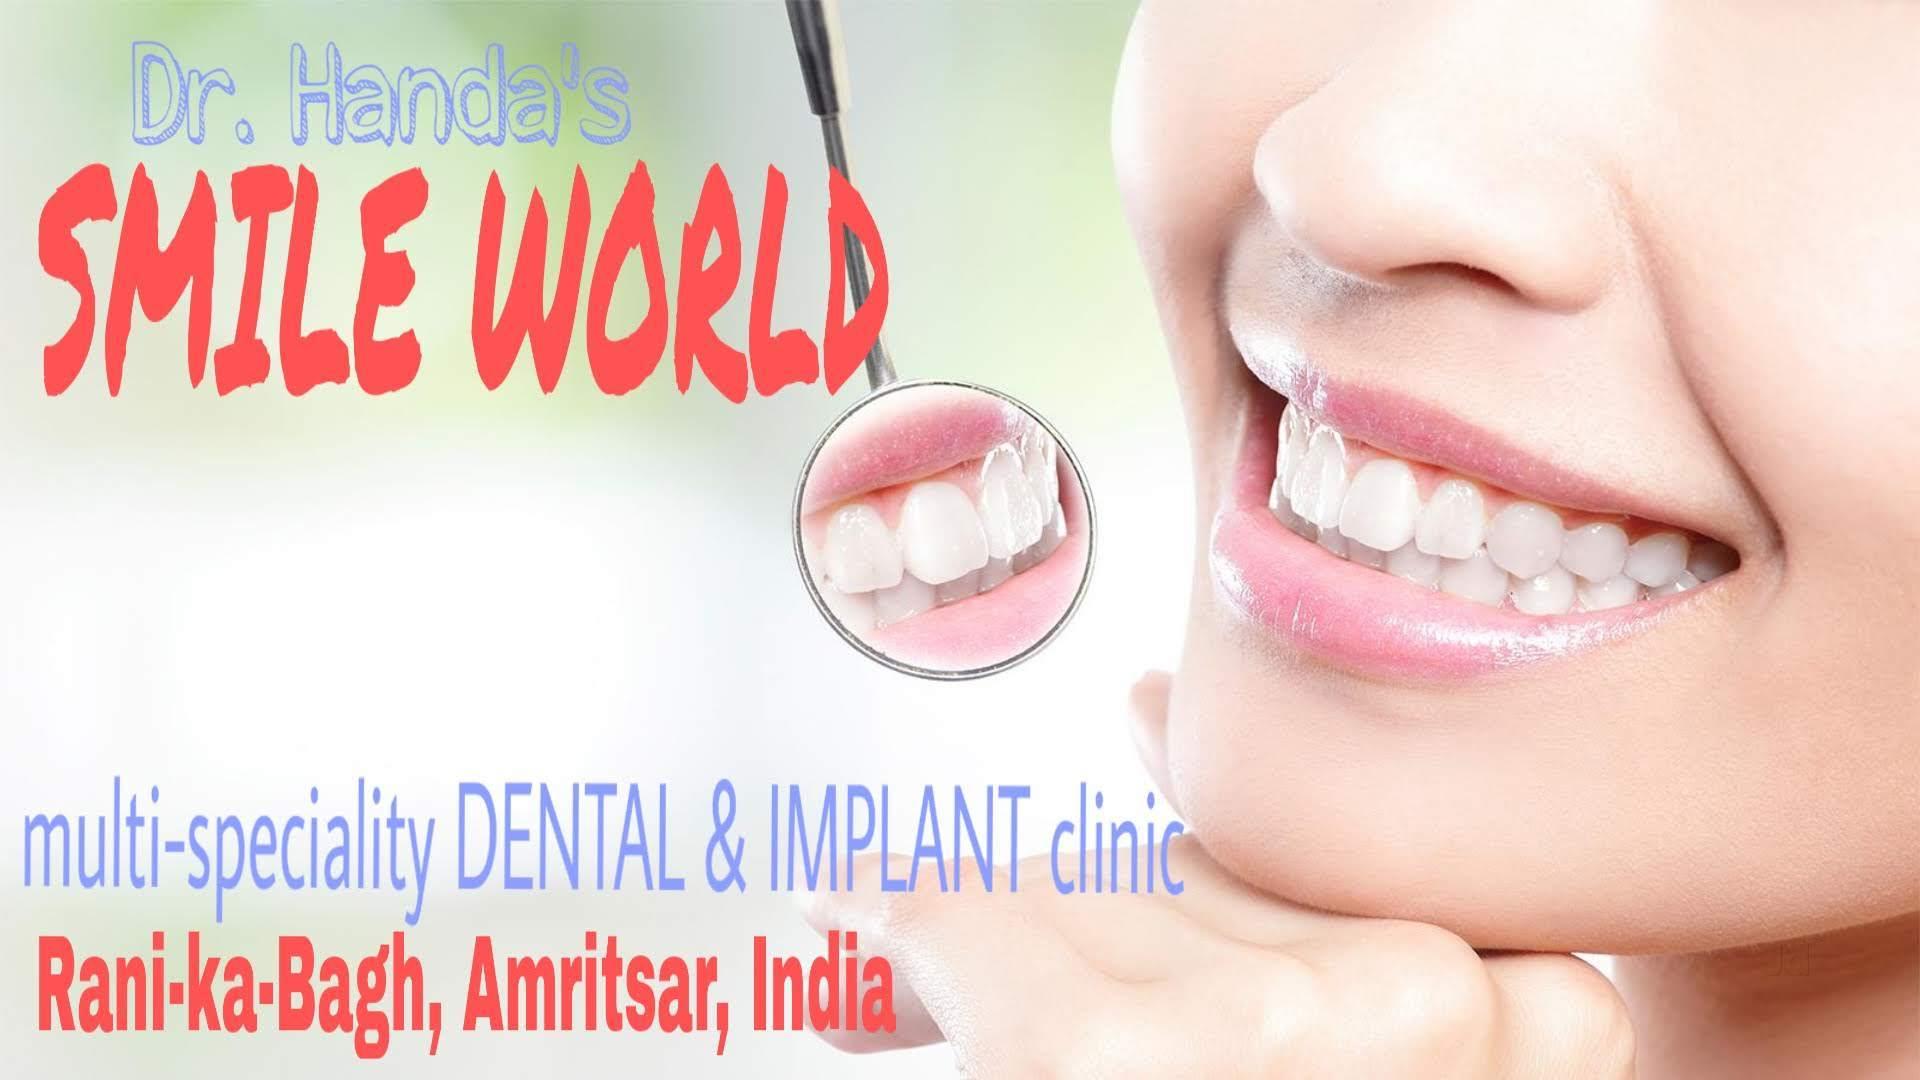 Dr Handa's Smile World